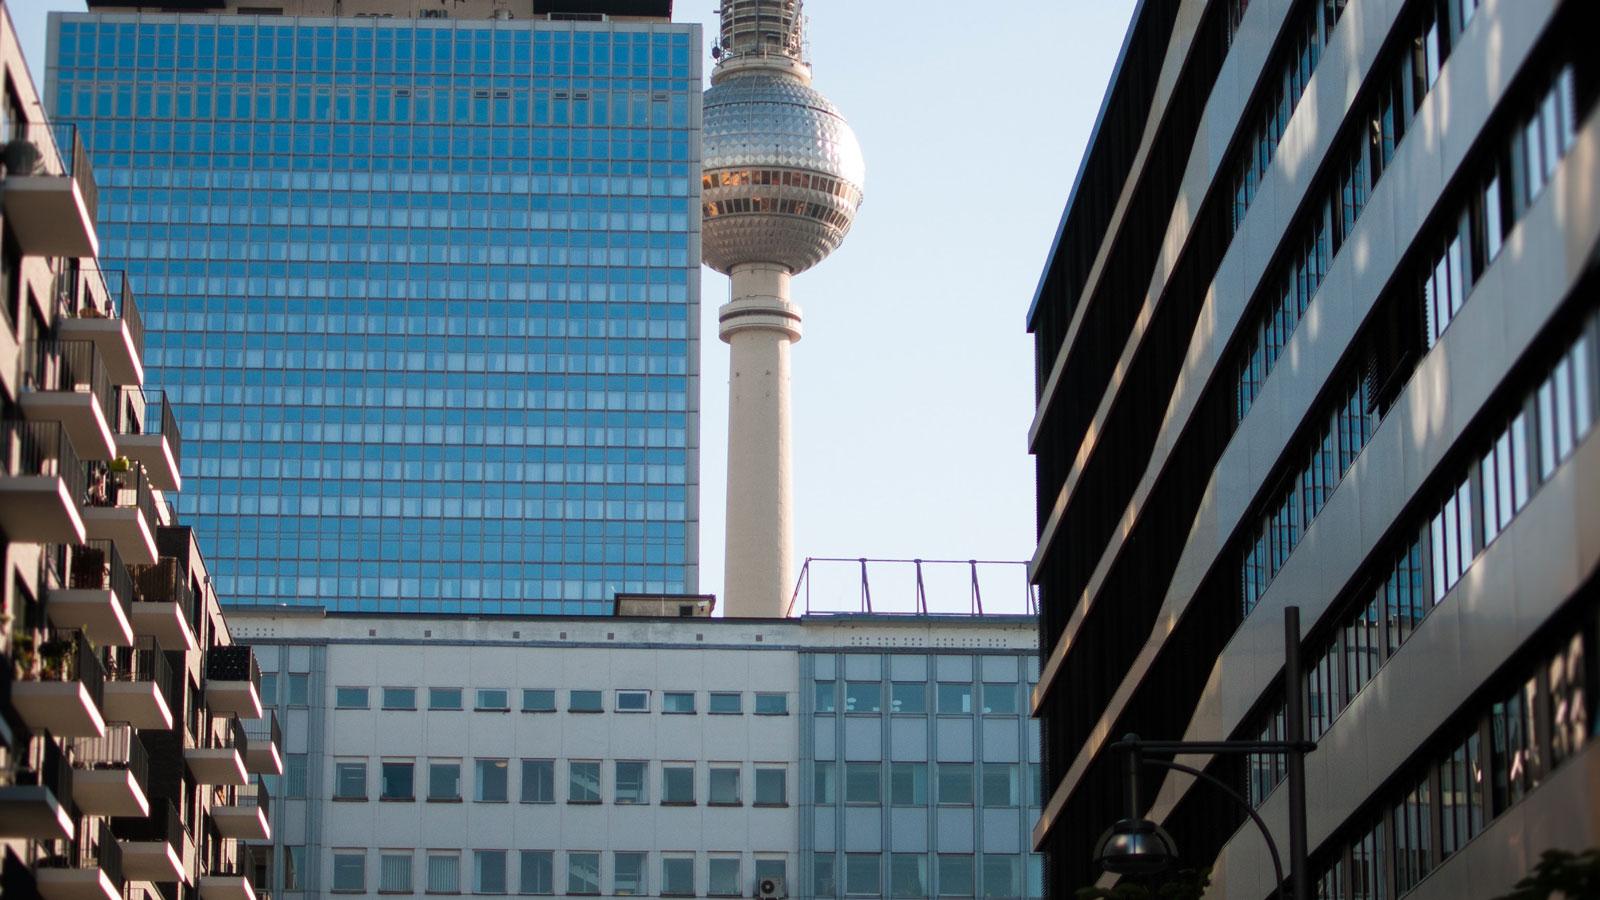 IMAGE Pix4D Berlin